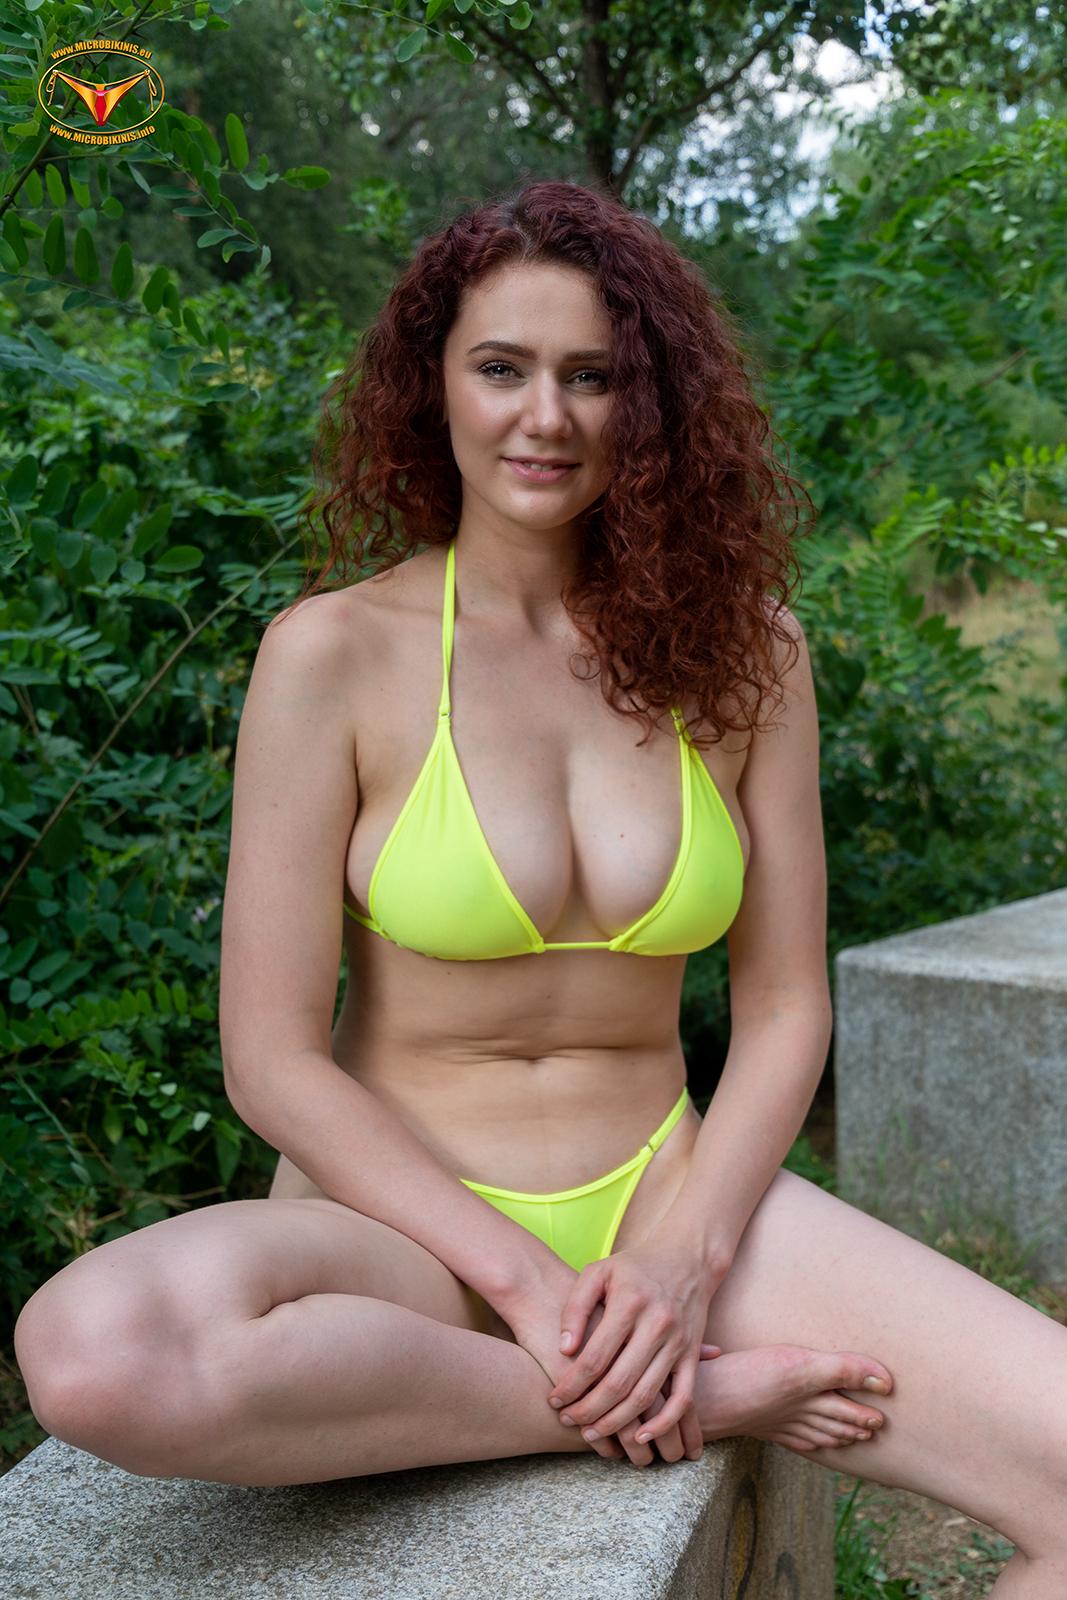 Microbikinis Bikinigirl, Micro Bikini Model Lilith bikini girl from Berlin